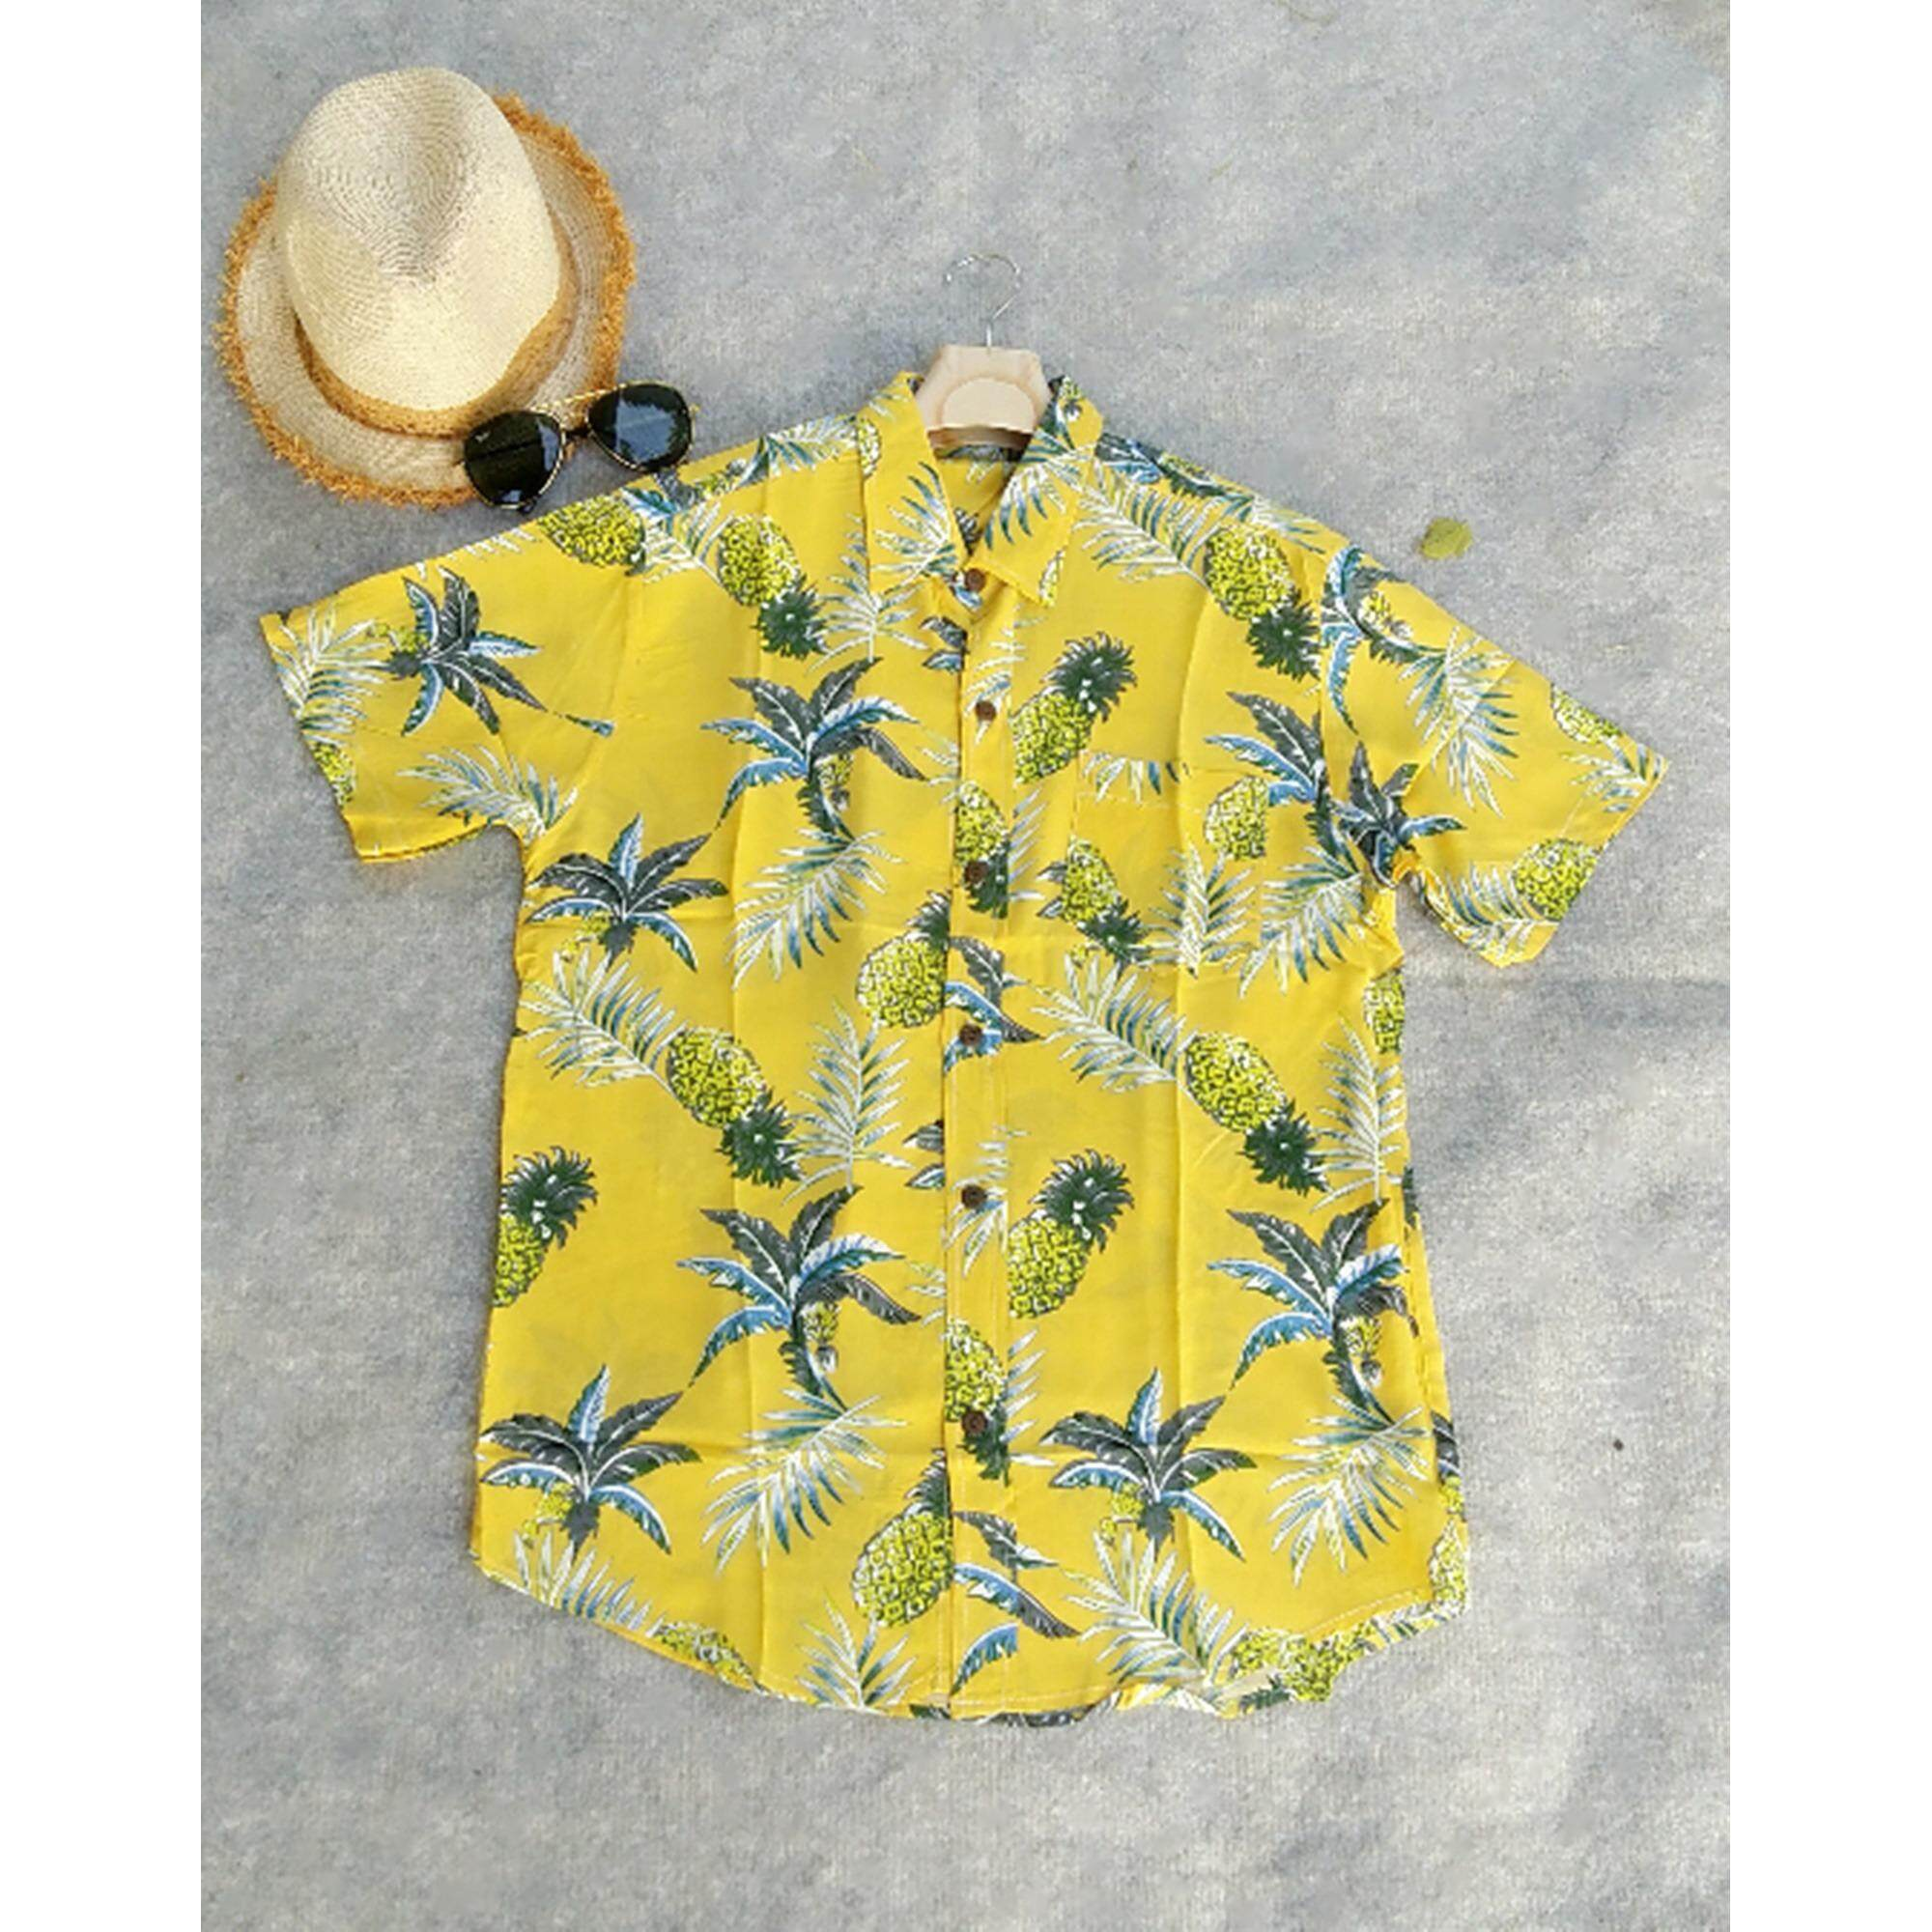 โปรโมชั่น Mama Shop เสื้อเซิ้ตฮาวาย พิมพ์ลายดอกสับปะรด พื้นสีเหลือง คอปก ไซส์ M ผ้านิ่มใส่สบาย รุ่น Mb 113 กรุงเทพมหานคร